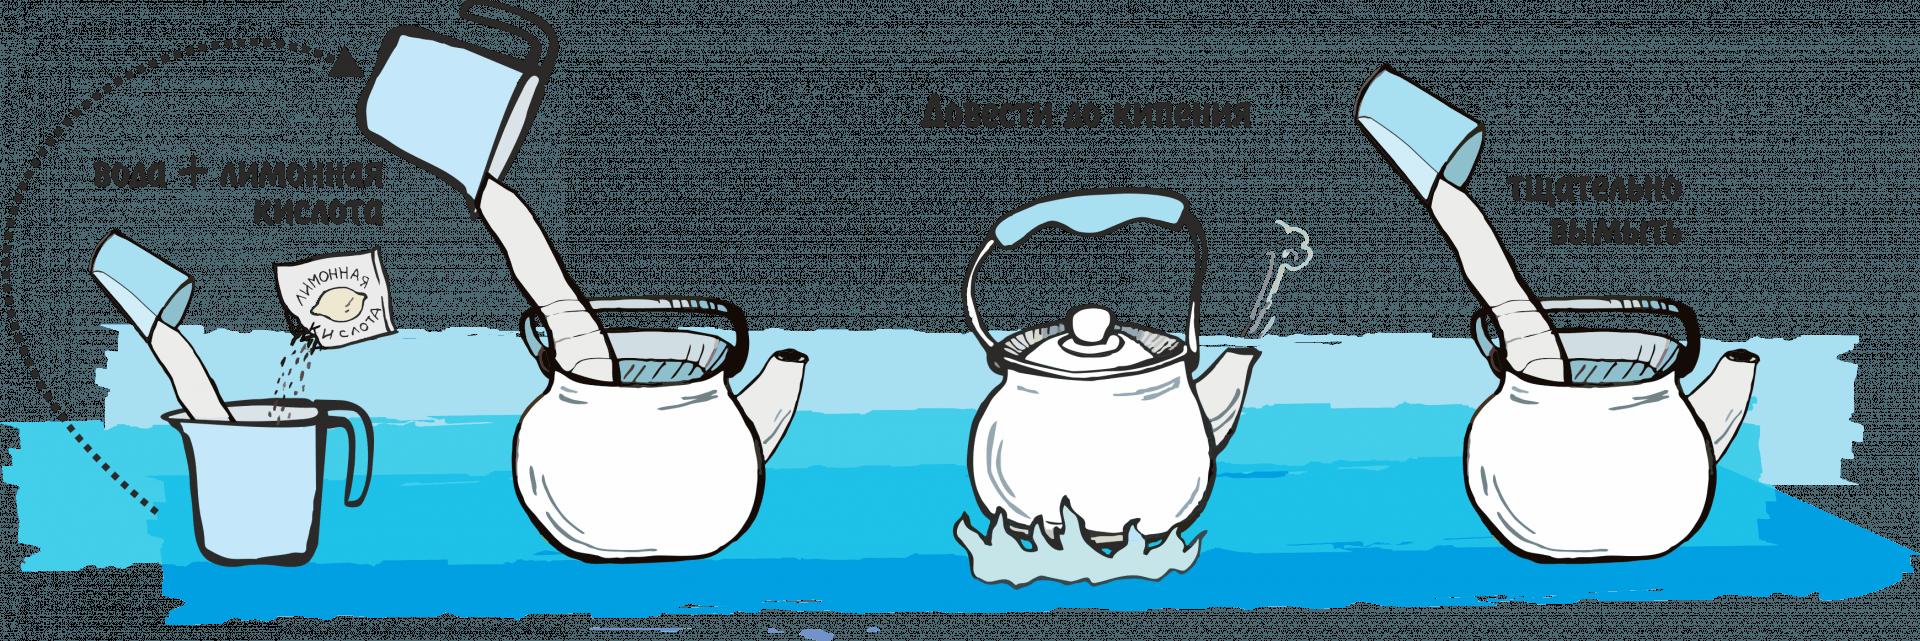 Как очистить чайник от накипи 6 домашних средств 48